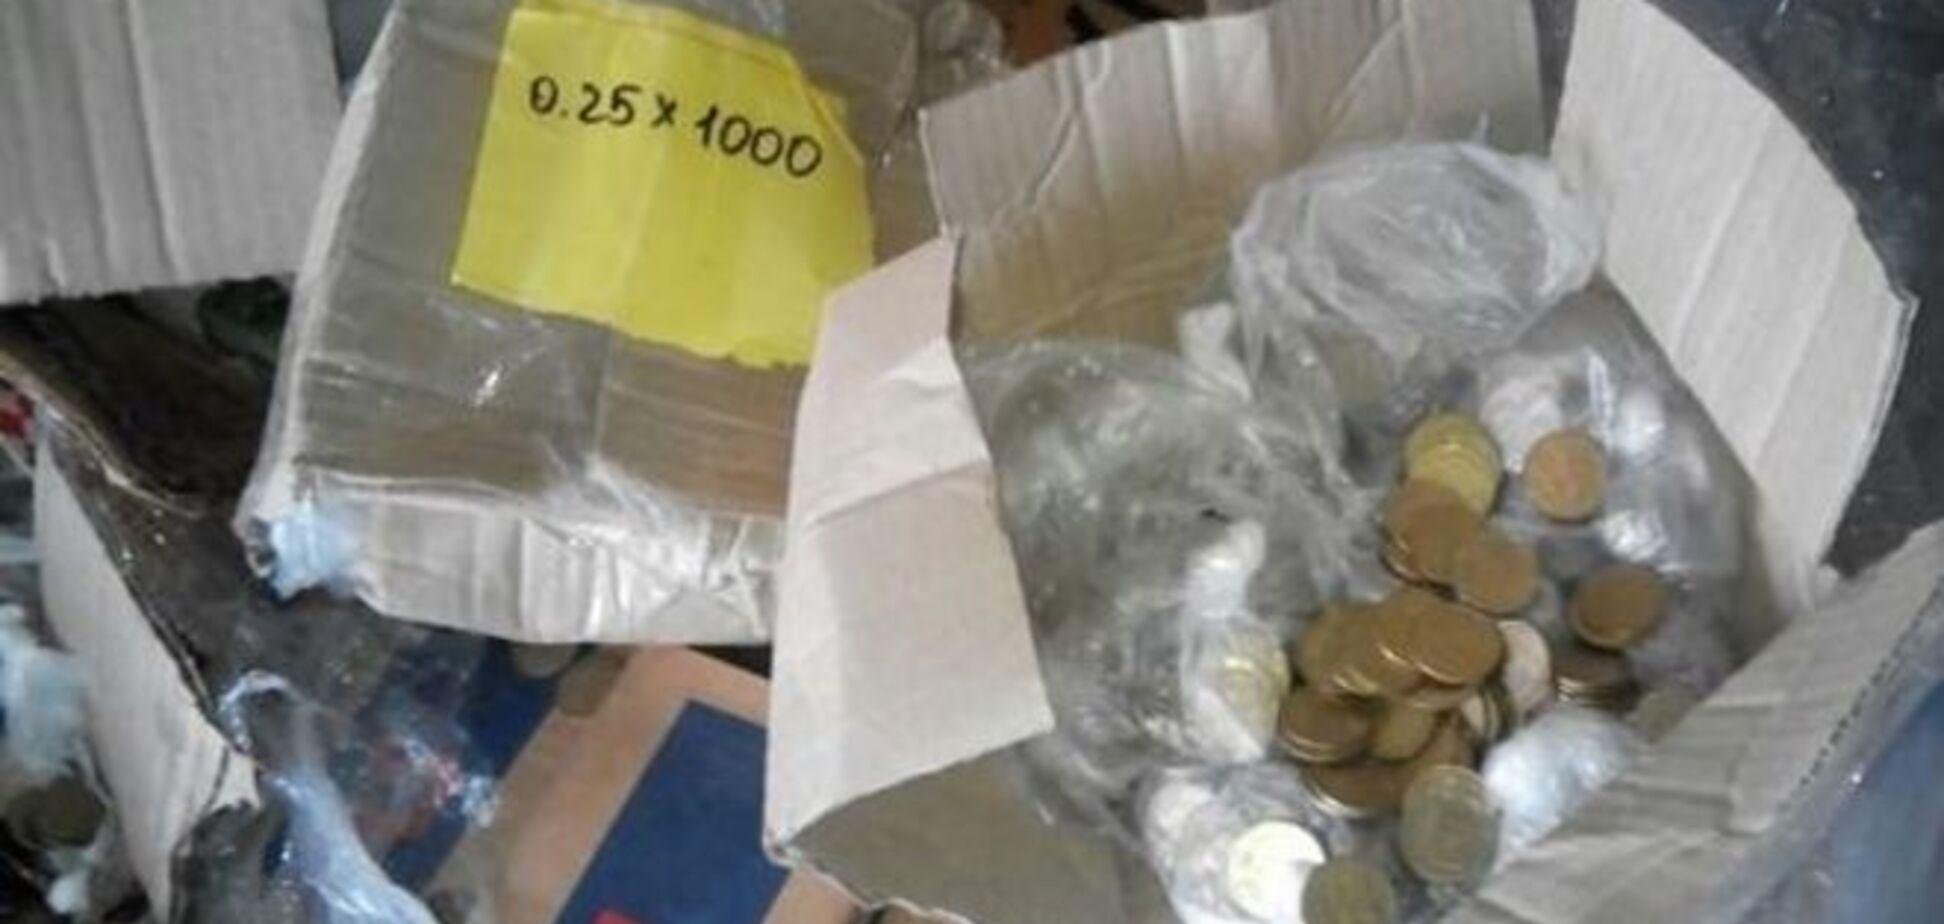 Із 'ДНР' намагалися вивезти мільйон гривень мілкими грішми: фотофакт